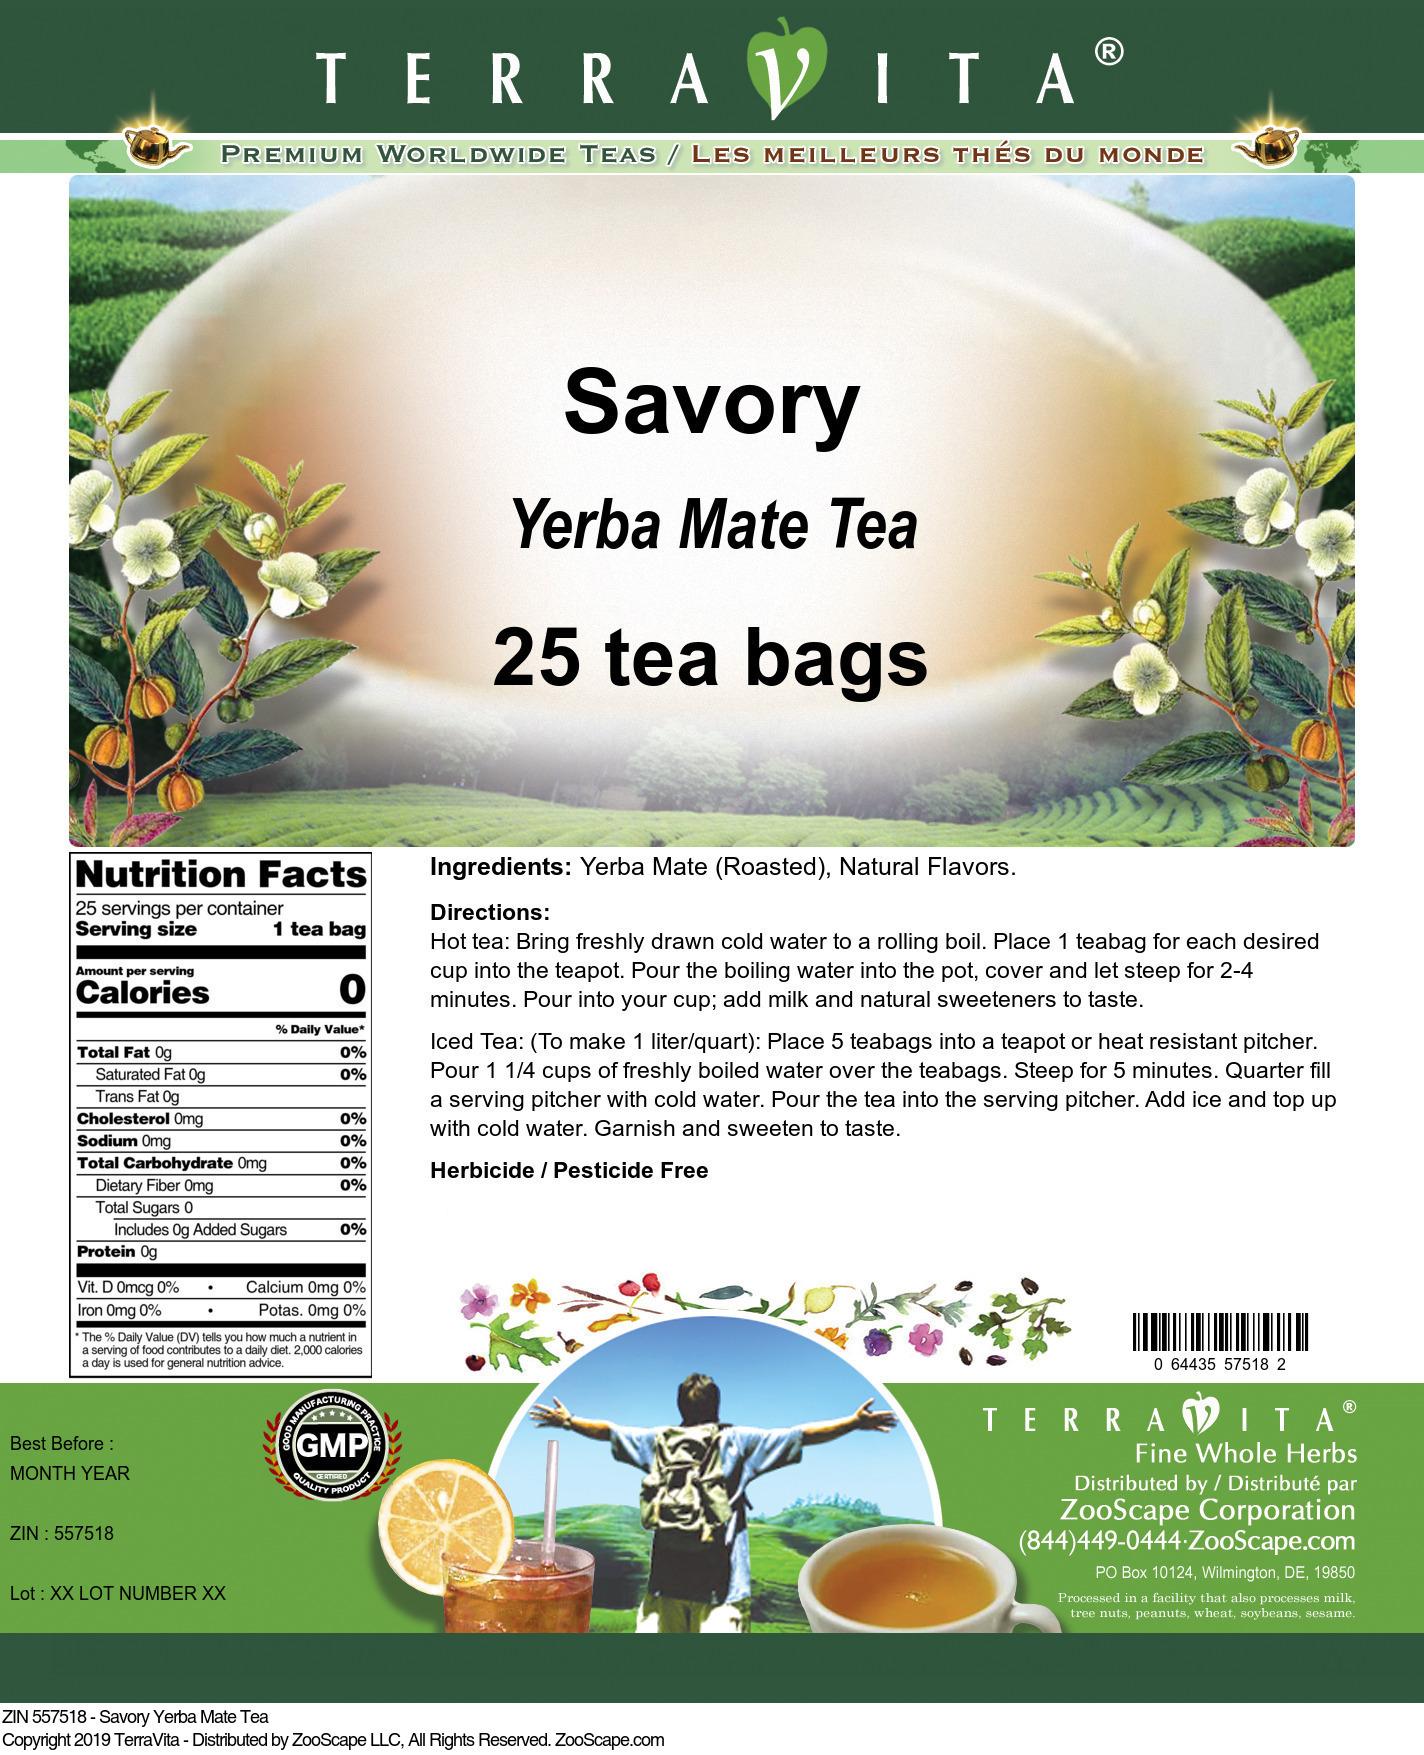 Savory Yerba Mate Tea